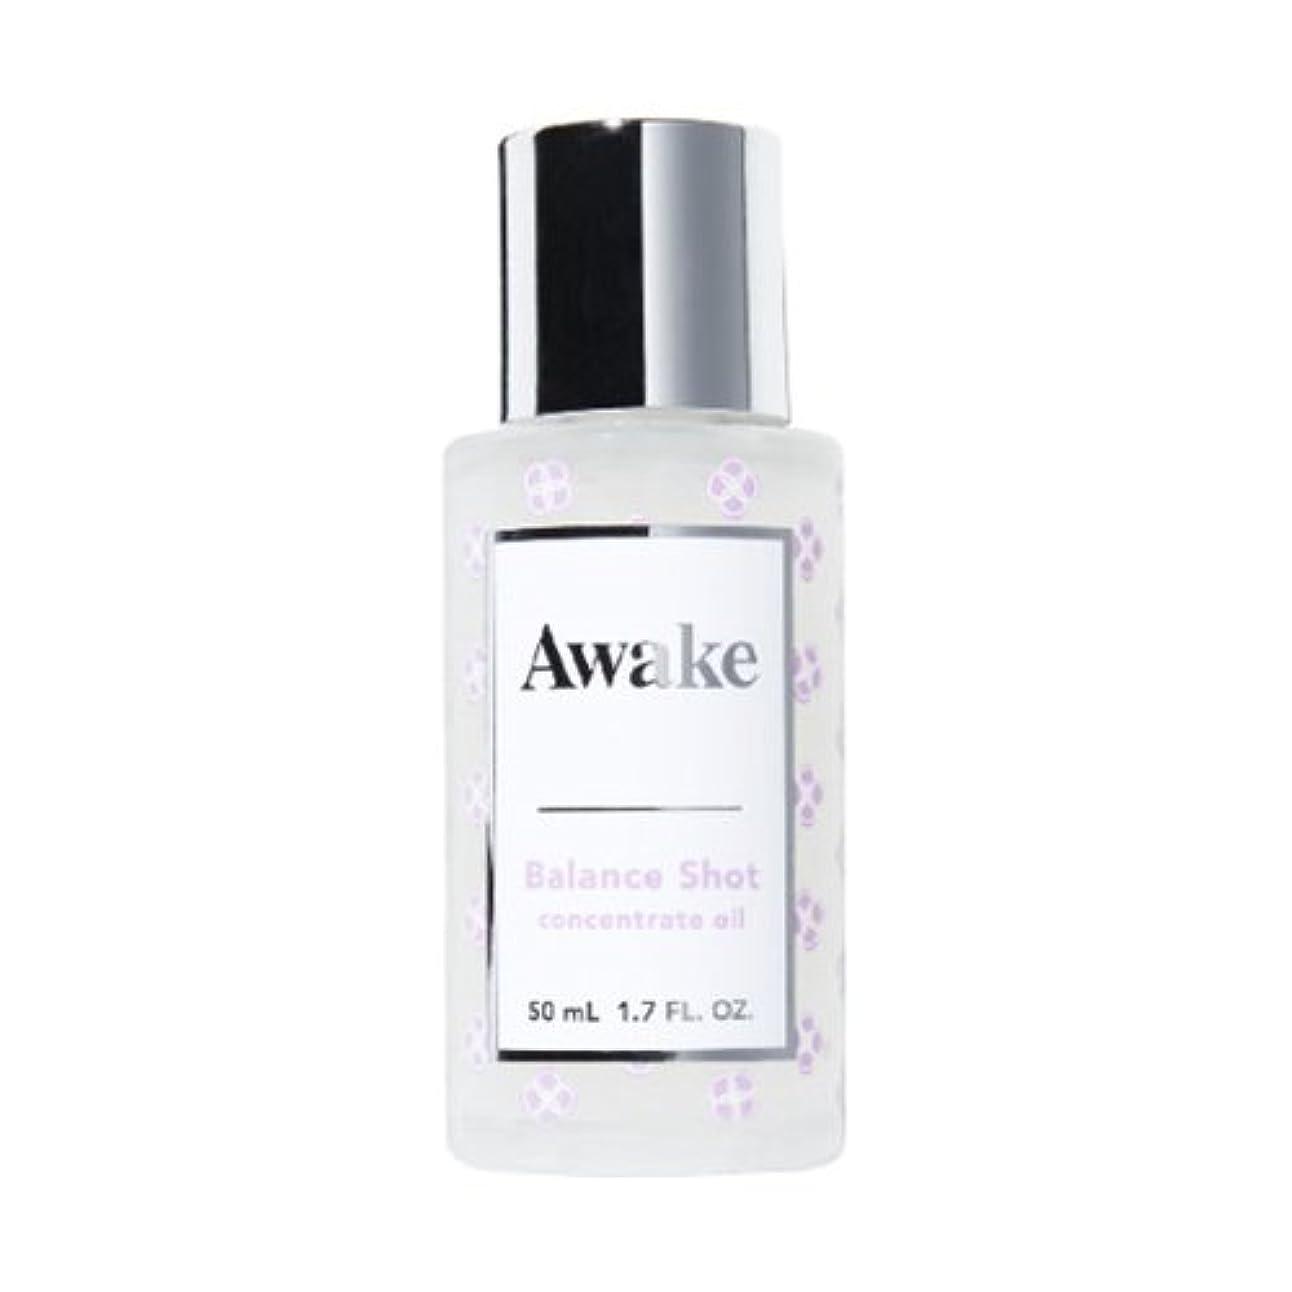 アウェイク(AWAKE) Awake(アウェイク) バランスショット コ ンセントレイトオイル 〈美容オイル〉 (50mL)